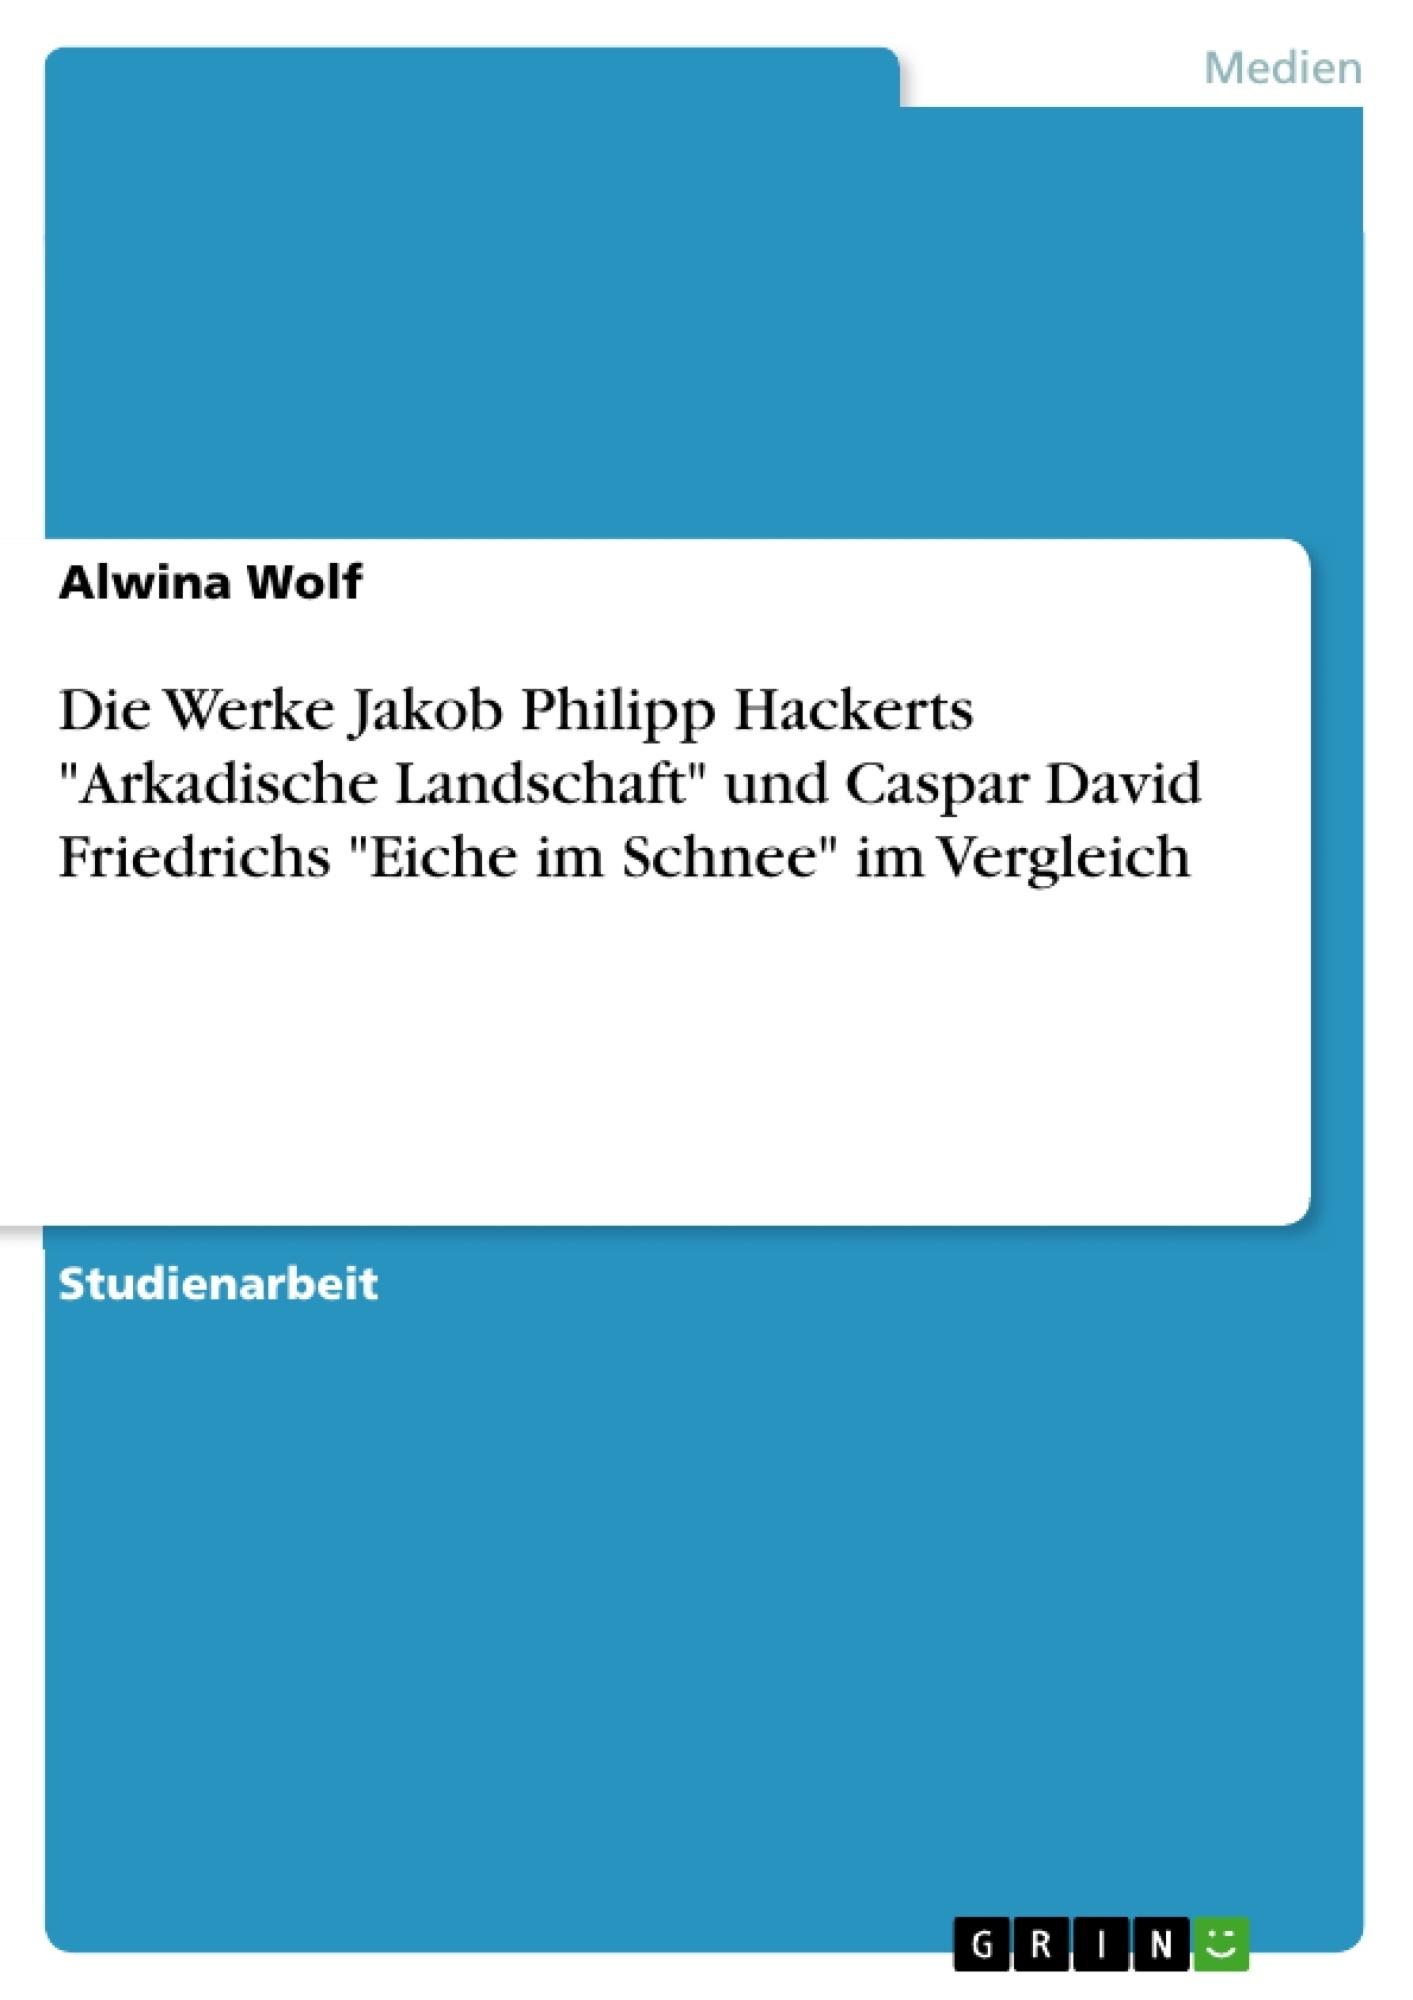 """Titel: Die Werke Jakob Philipp Hackerts """"Arkadische Landschaft"""" und Caspar David Friedrichs """"Eiche im Schnee"""" im Vergleich"""